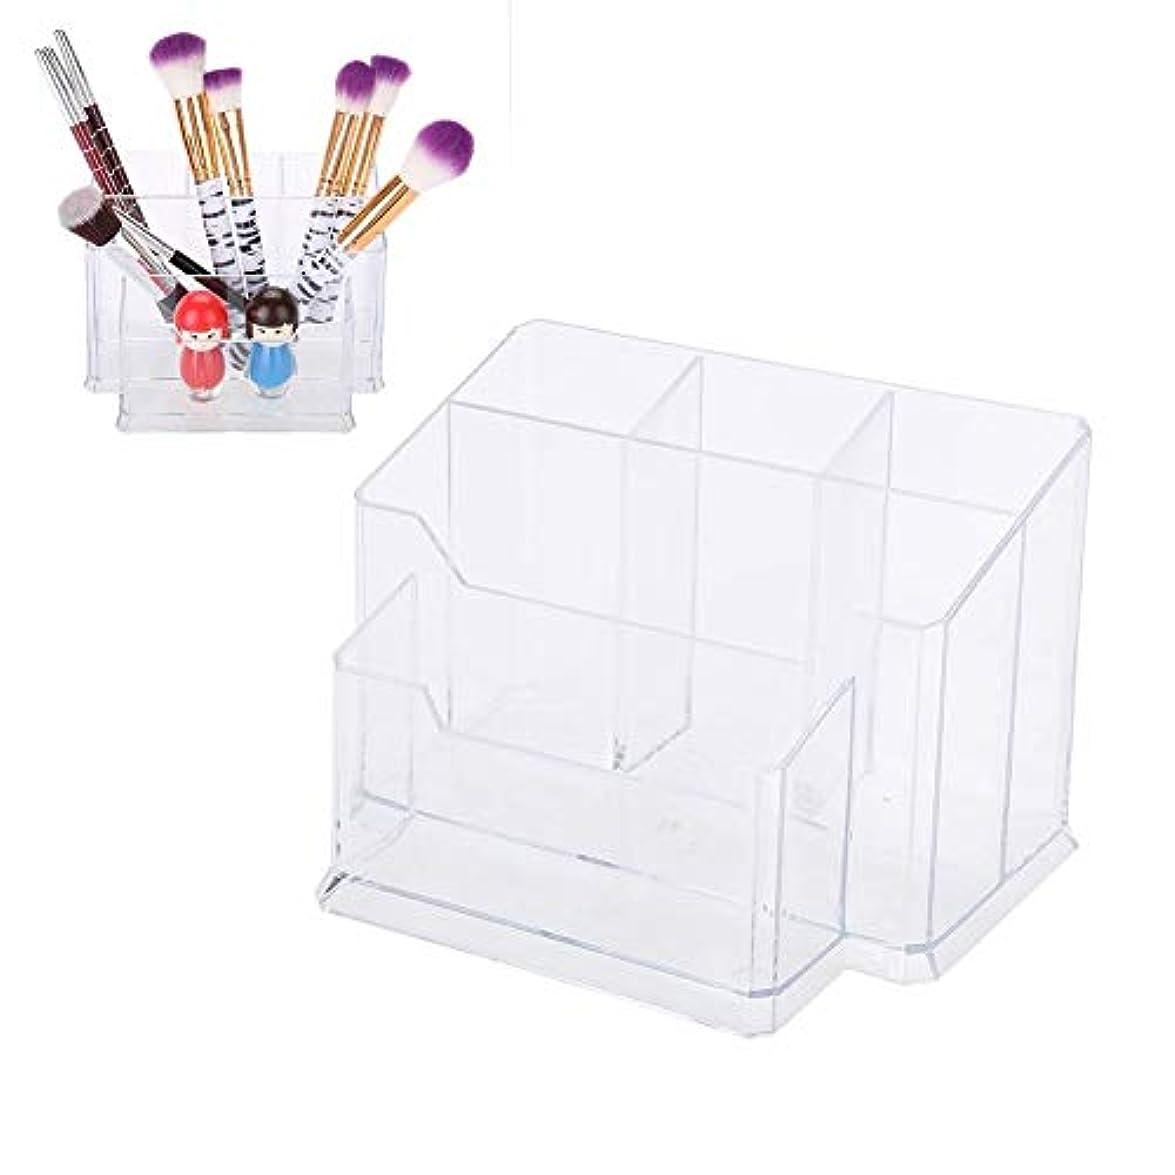 加害者住人神経障害化粧ブラシ収納ボックス アクリル製 コスメ収納 スタンド 口紅 リップ 小物入れ 透明